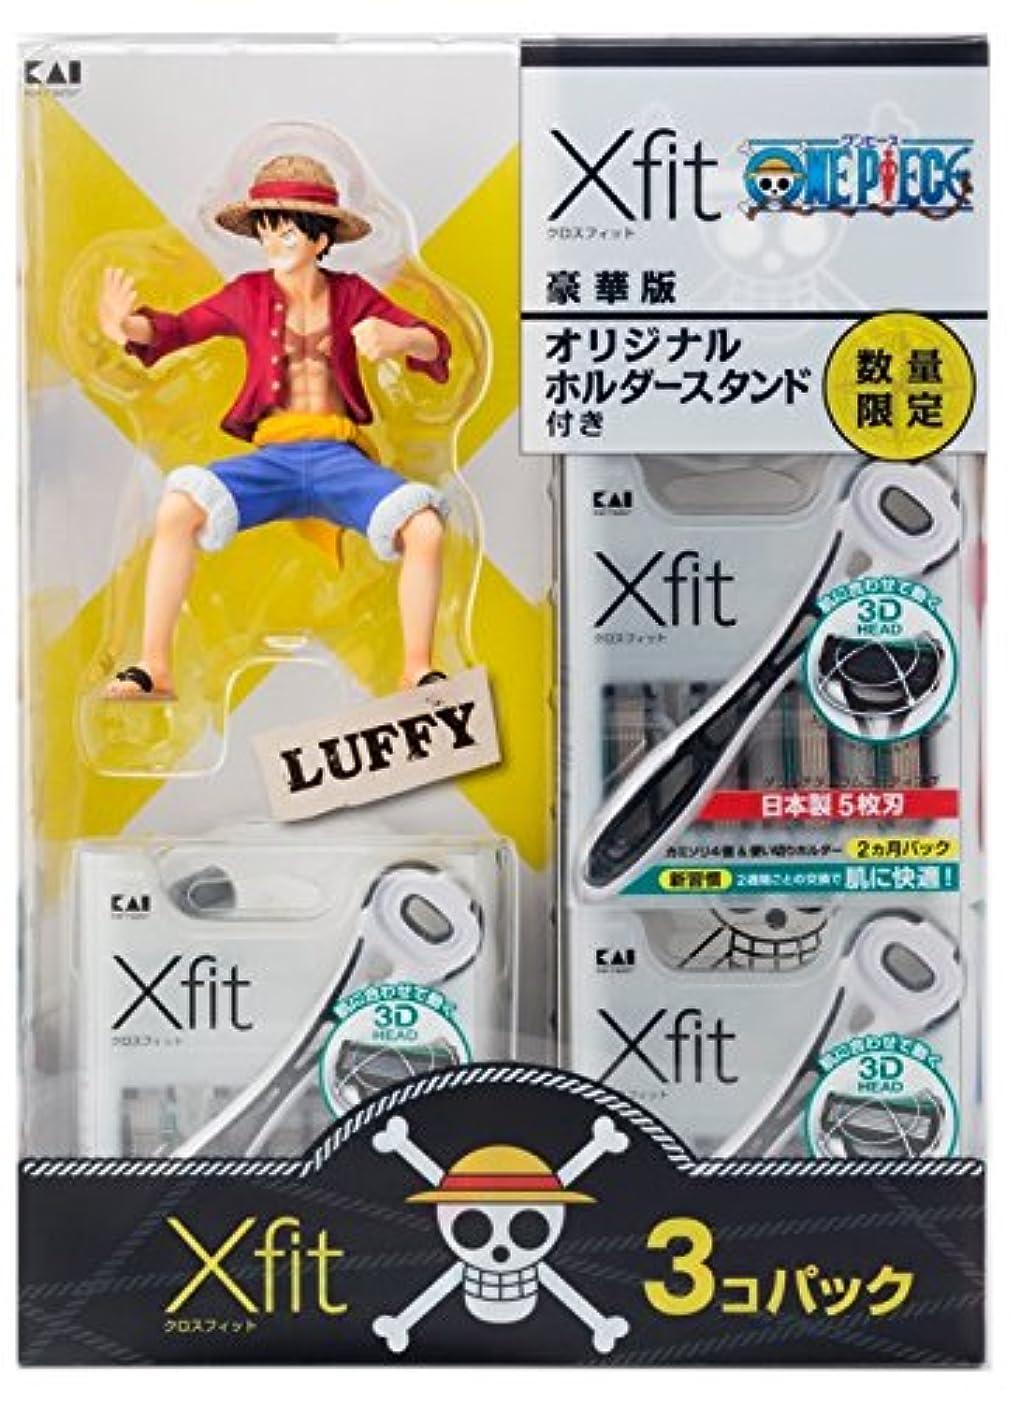 維持する暴行始まりXfit(クロスフィット)5枚刃カミソリ ワンピース企画第1弾3コパック+オリジナルホルダースタンド(ルフィ)